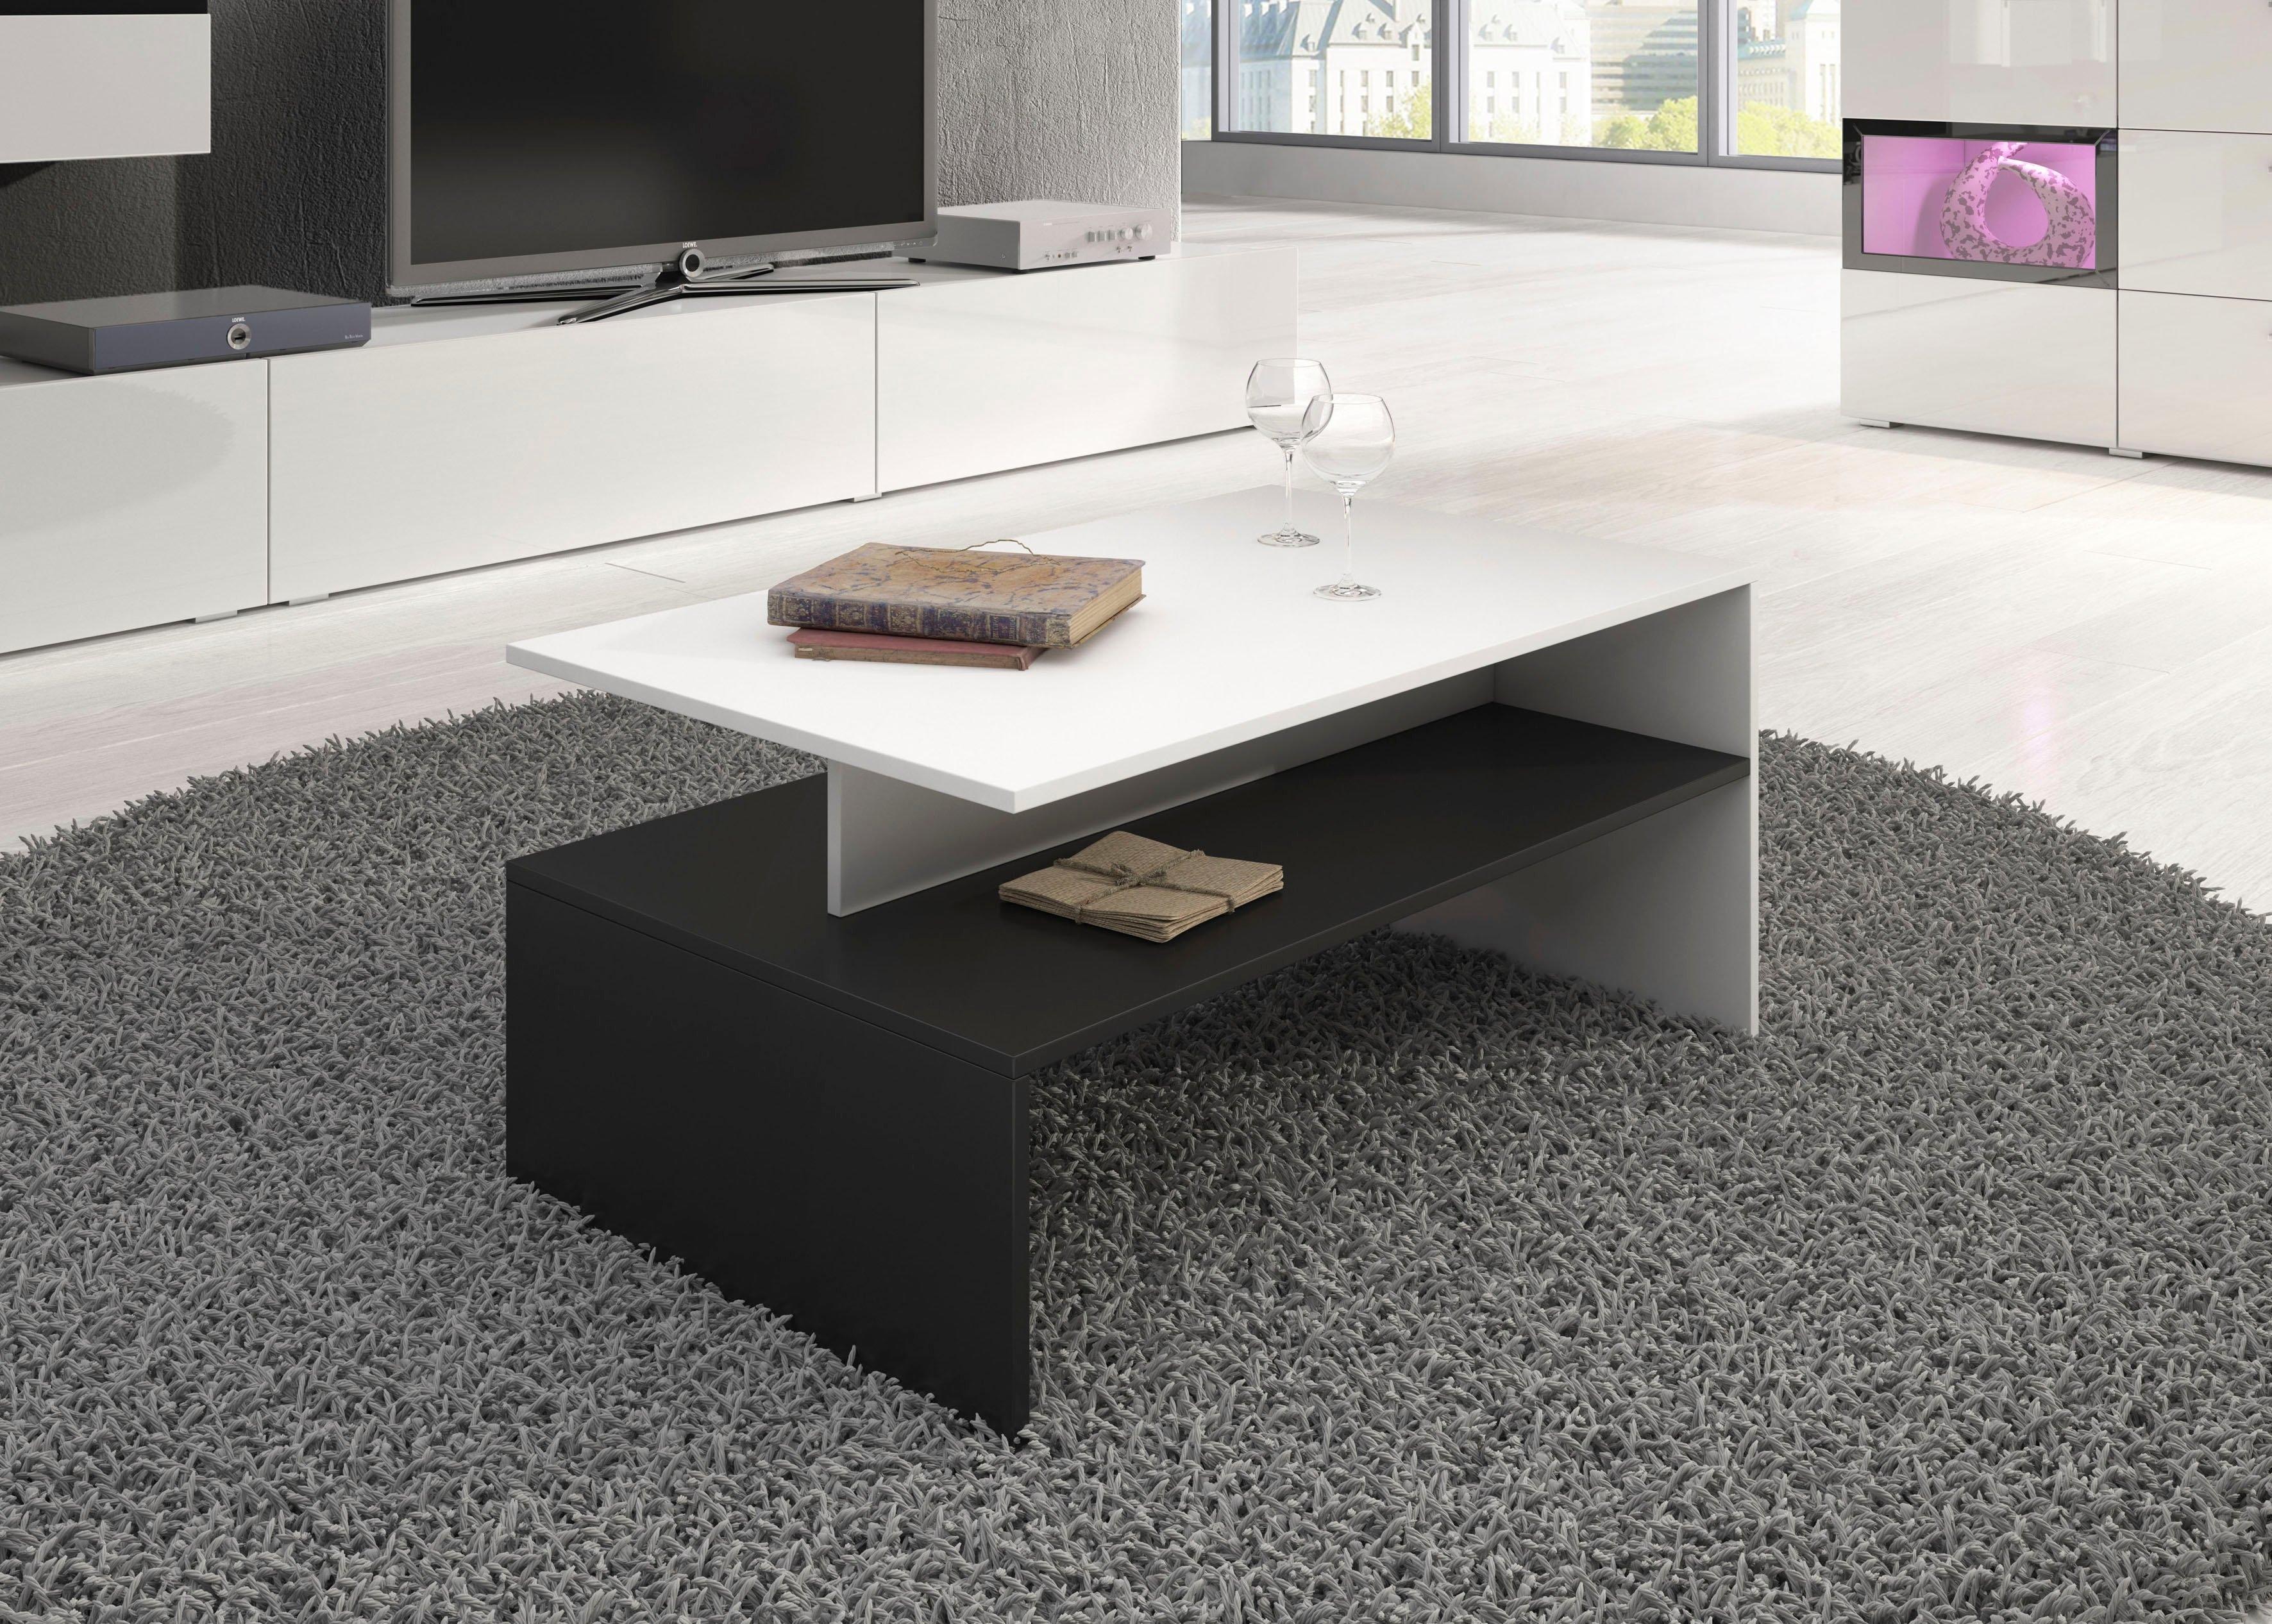 TRENDMANUFAKTUR salontafel (100 x 60 xm) - gratis ruilen op otto.nl